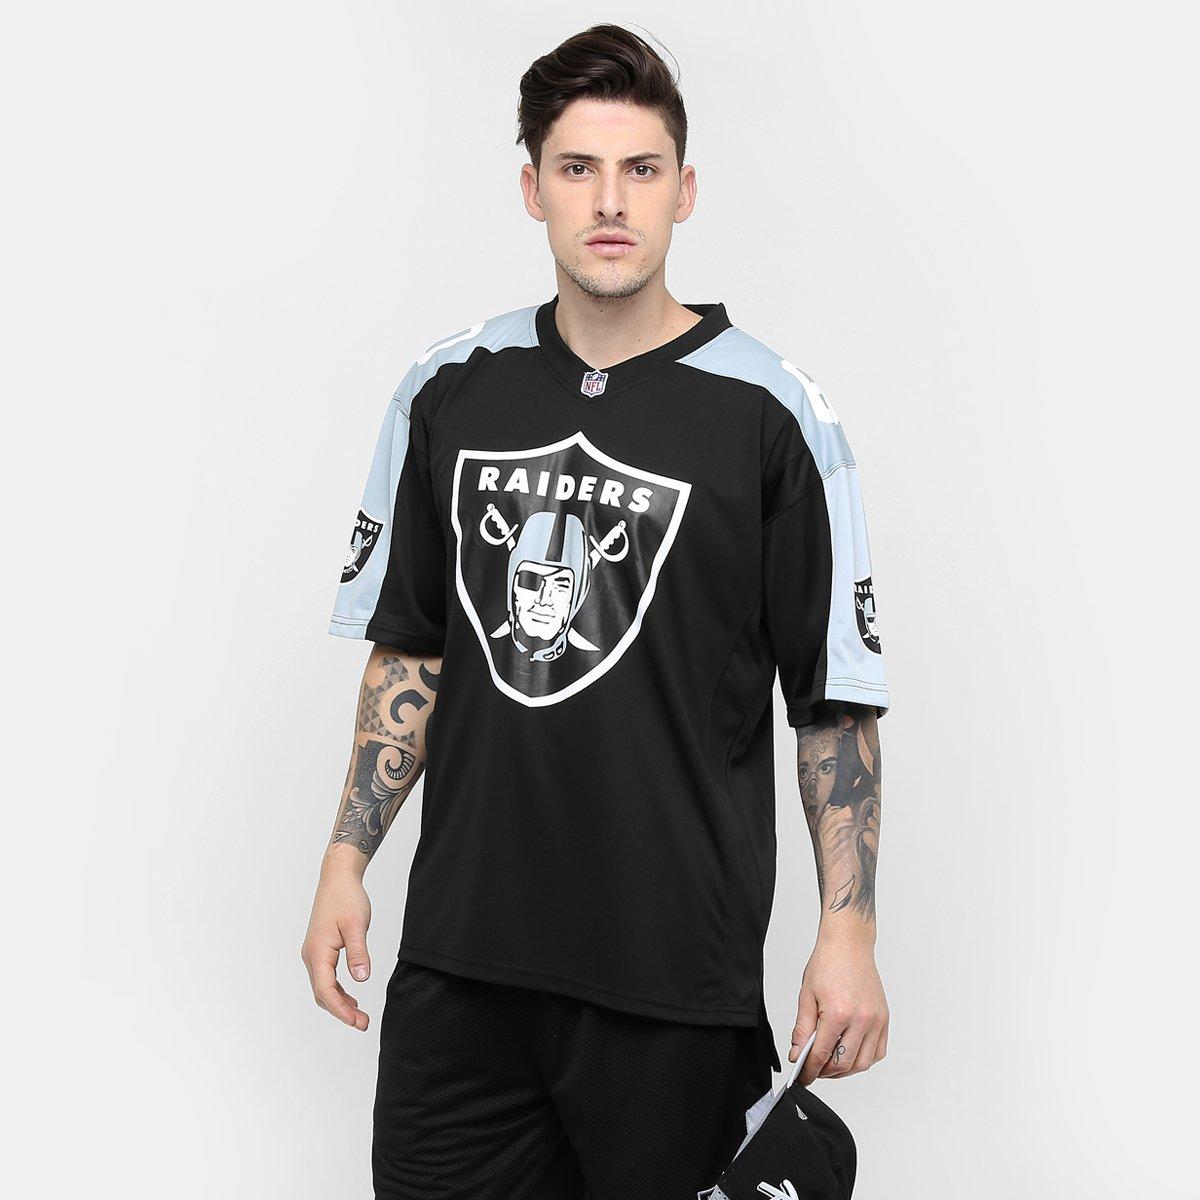 b57455e733ecf ... promo code for camiseta new era nfl jersey oakland raiders compre agora  netshoes 51cae 7d62e